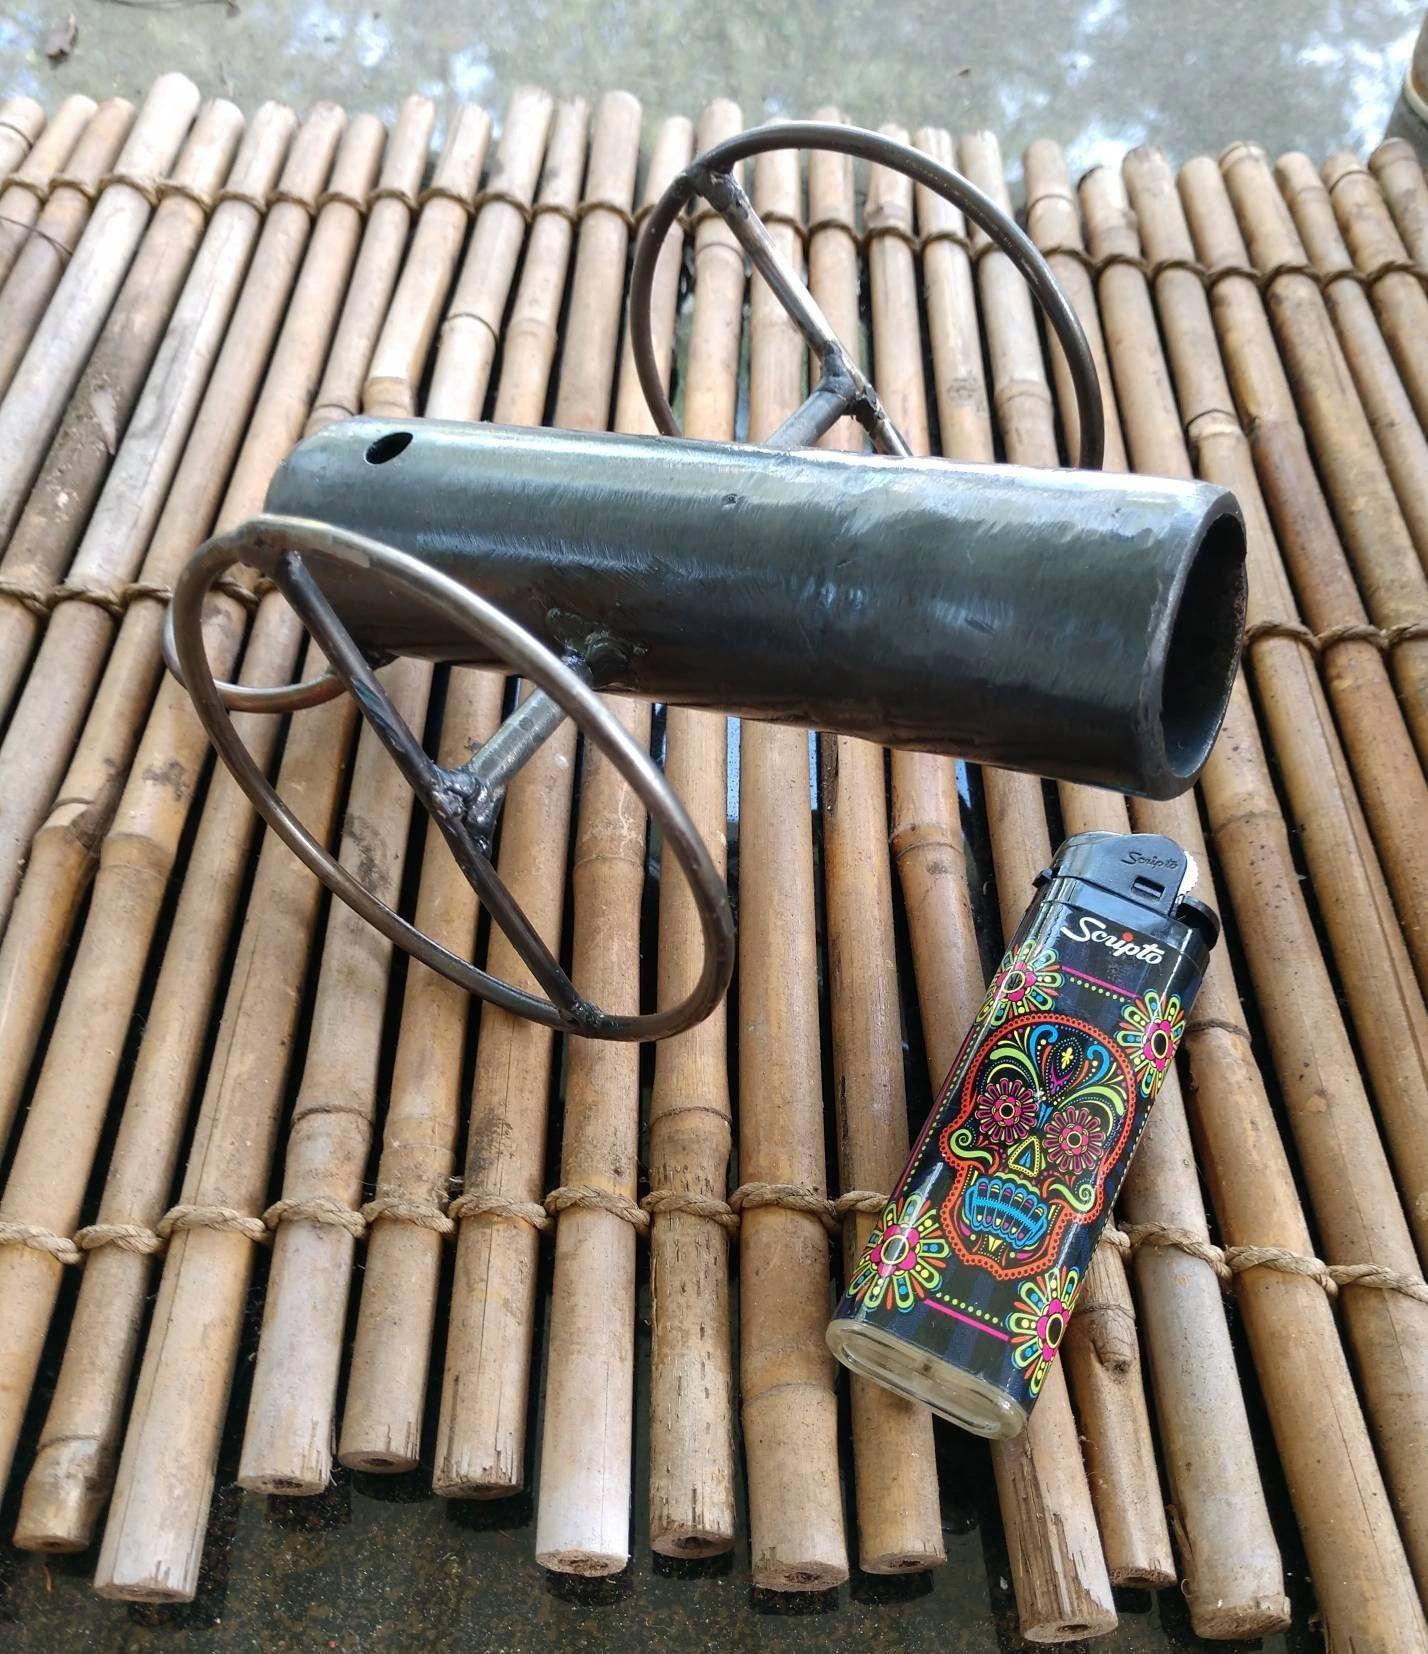 scrap metal art diy Scrapmetalart (With images) Scrap